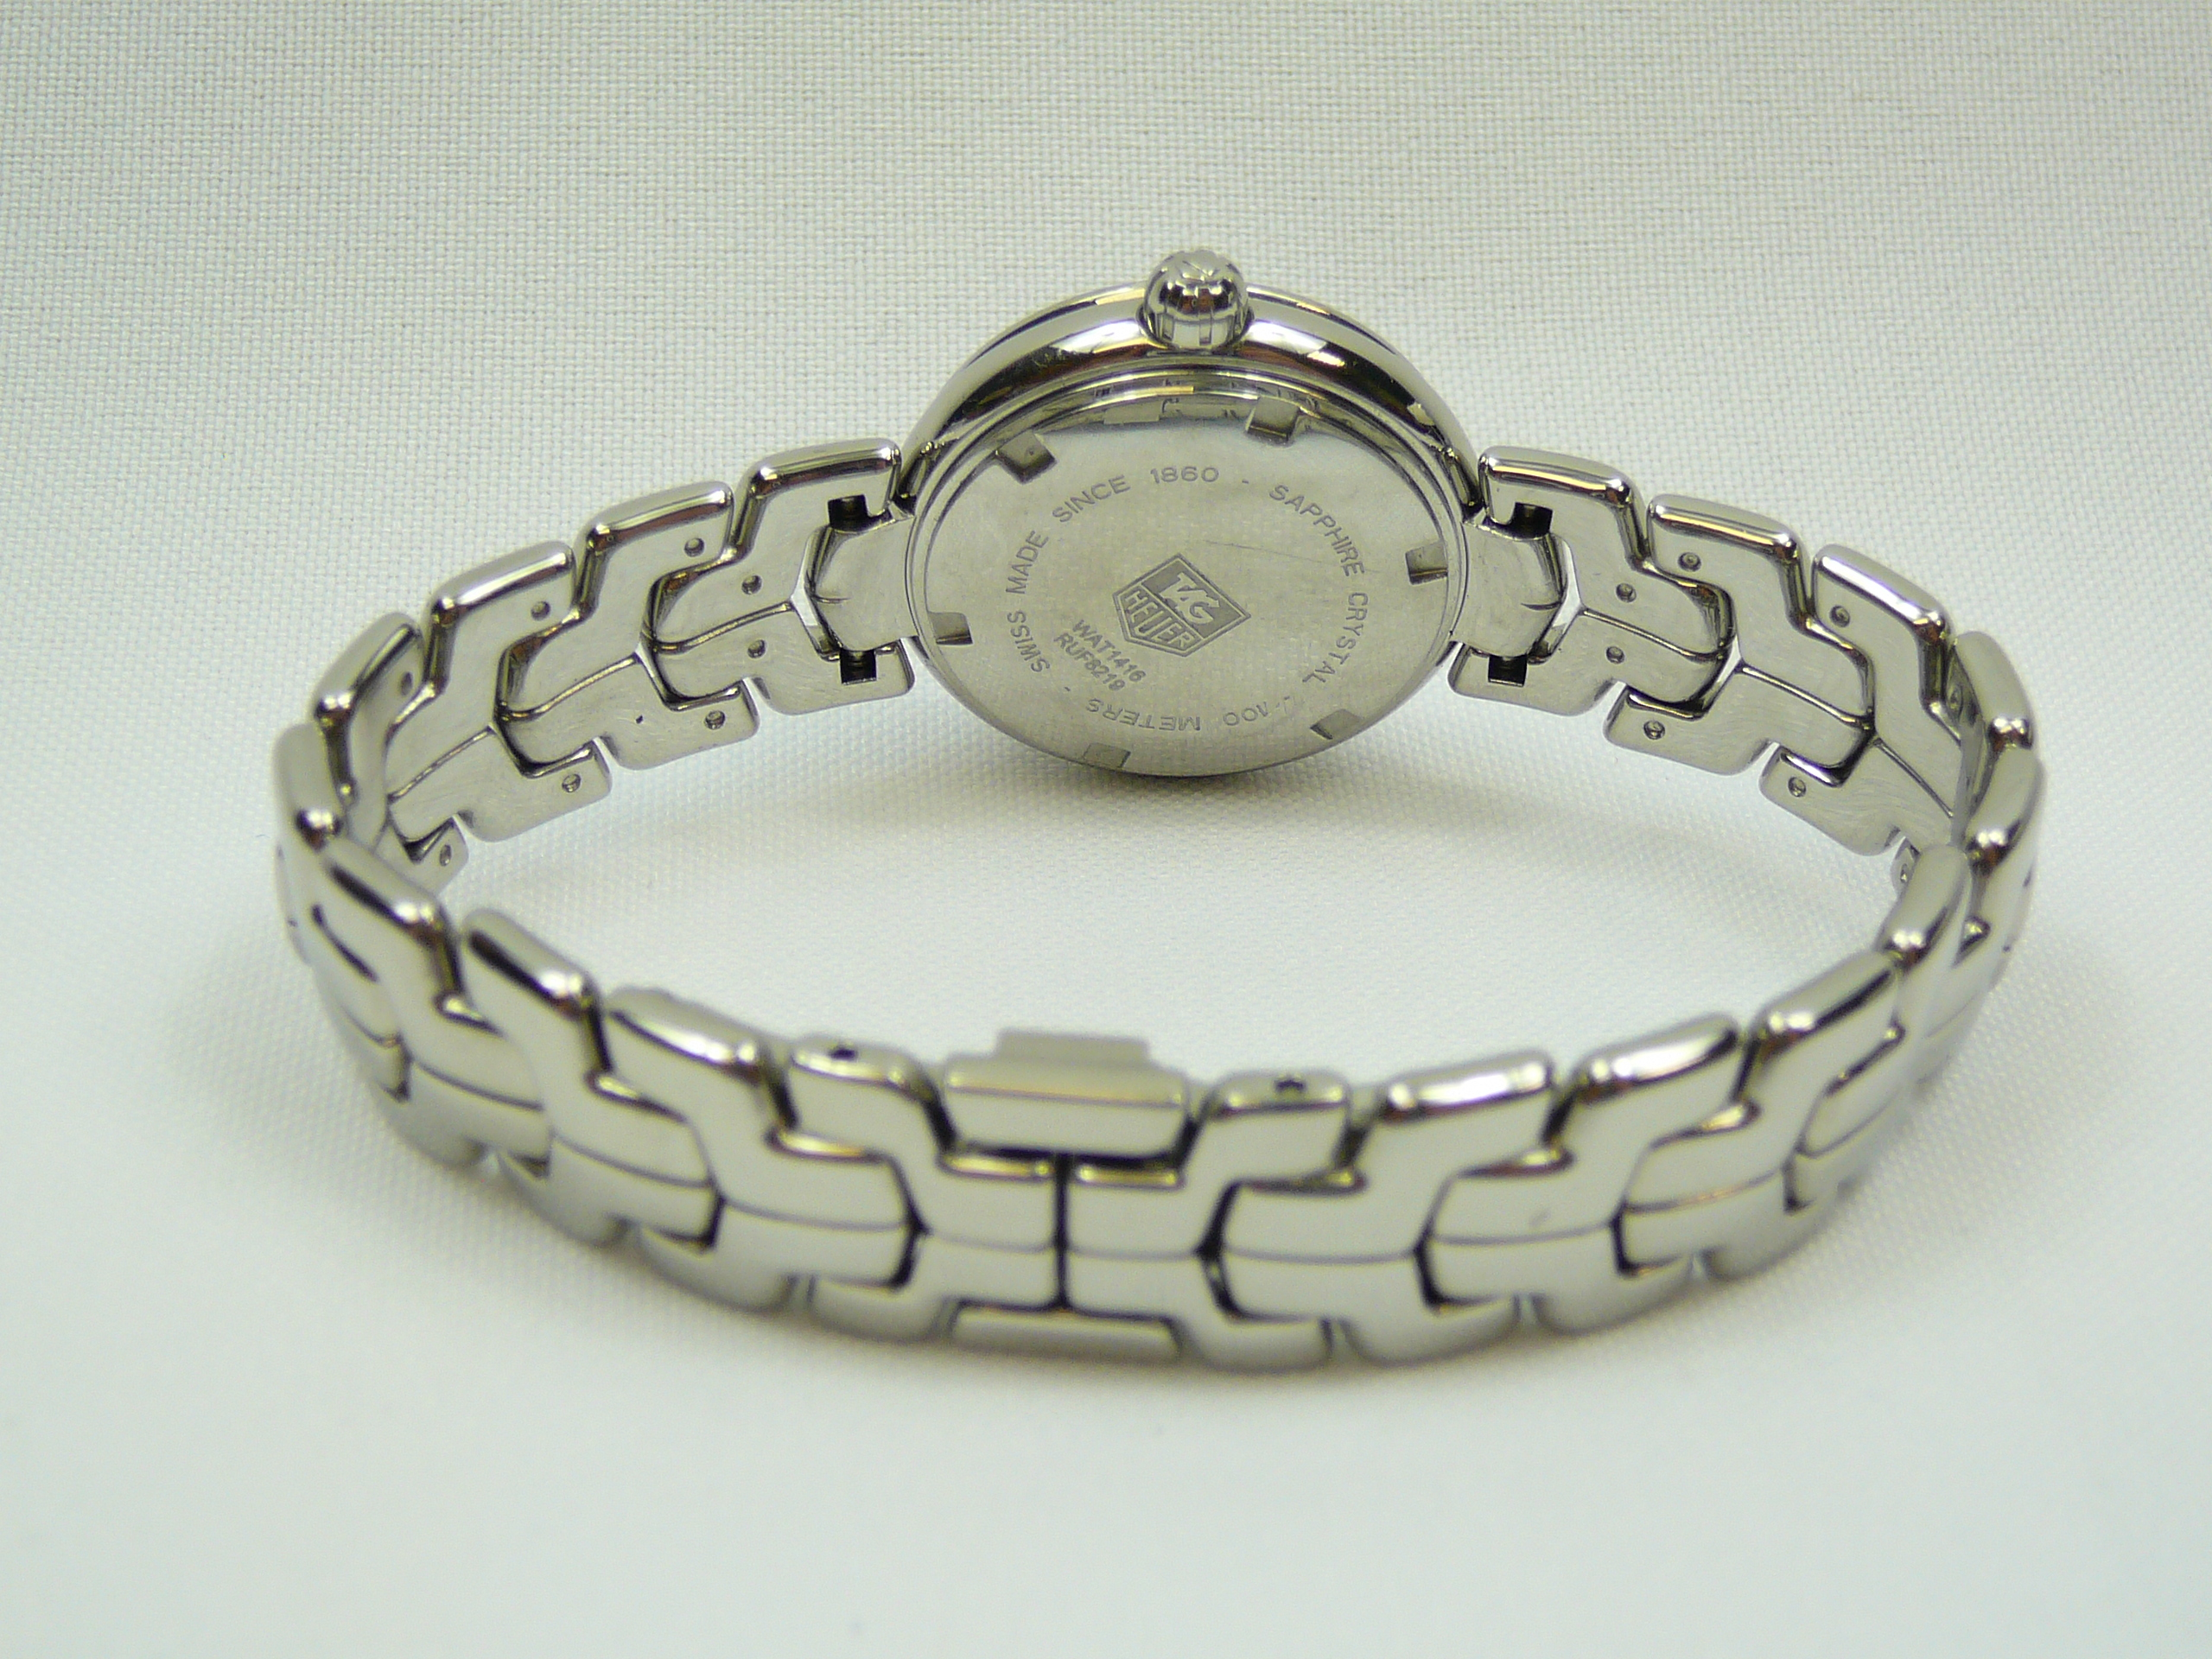 Ladies Tag Heuer Wrist Watch - Image 3 of 3